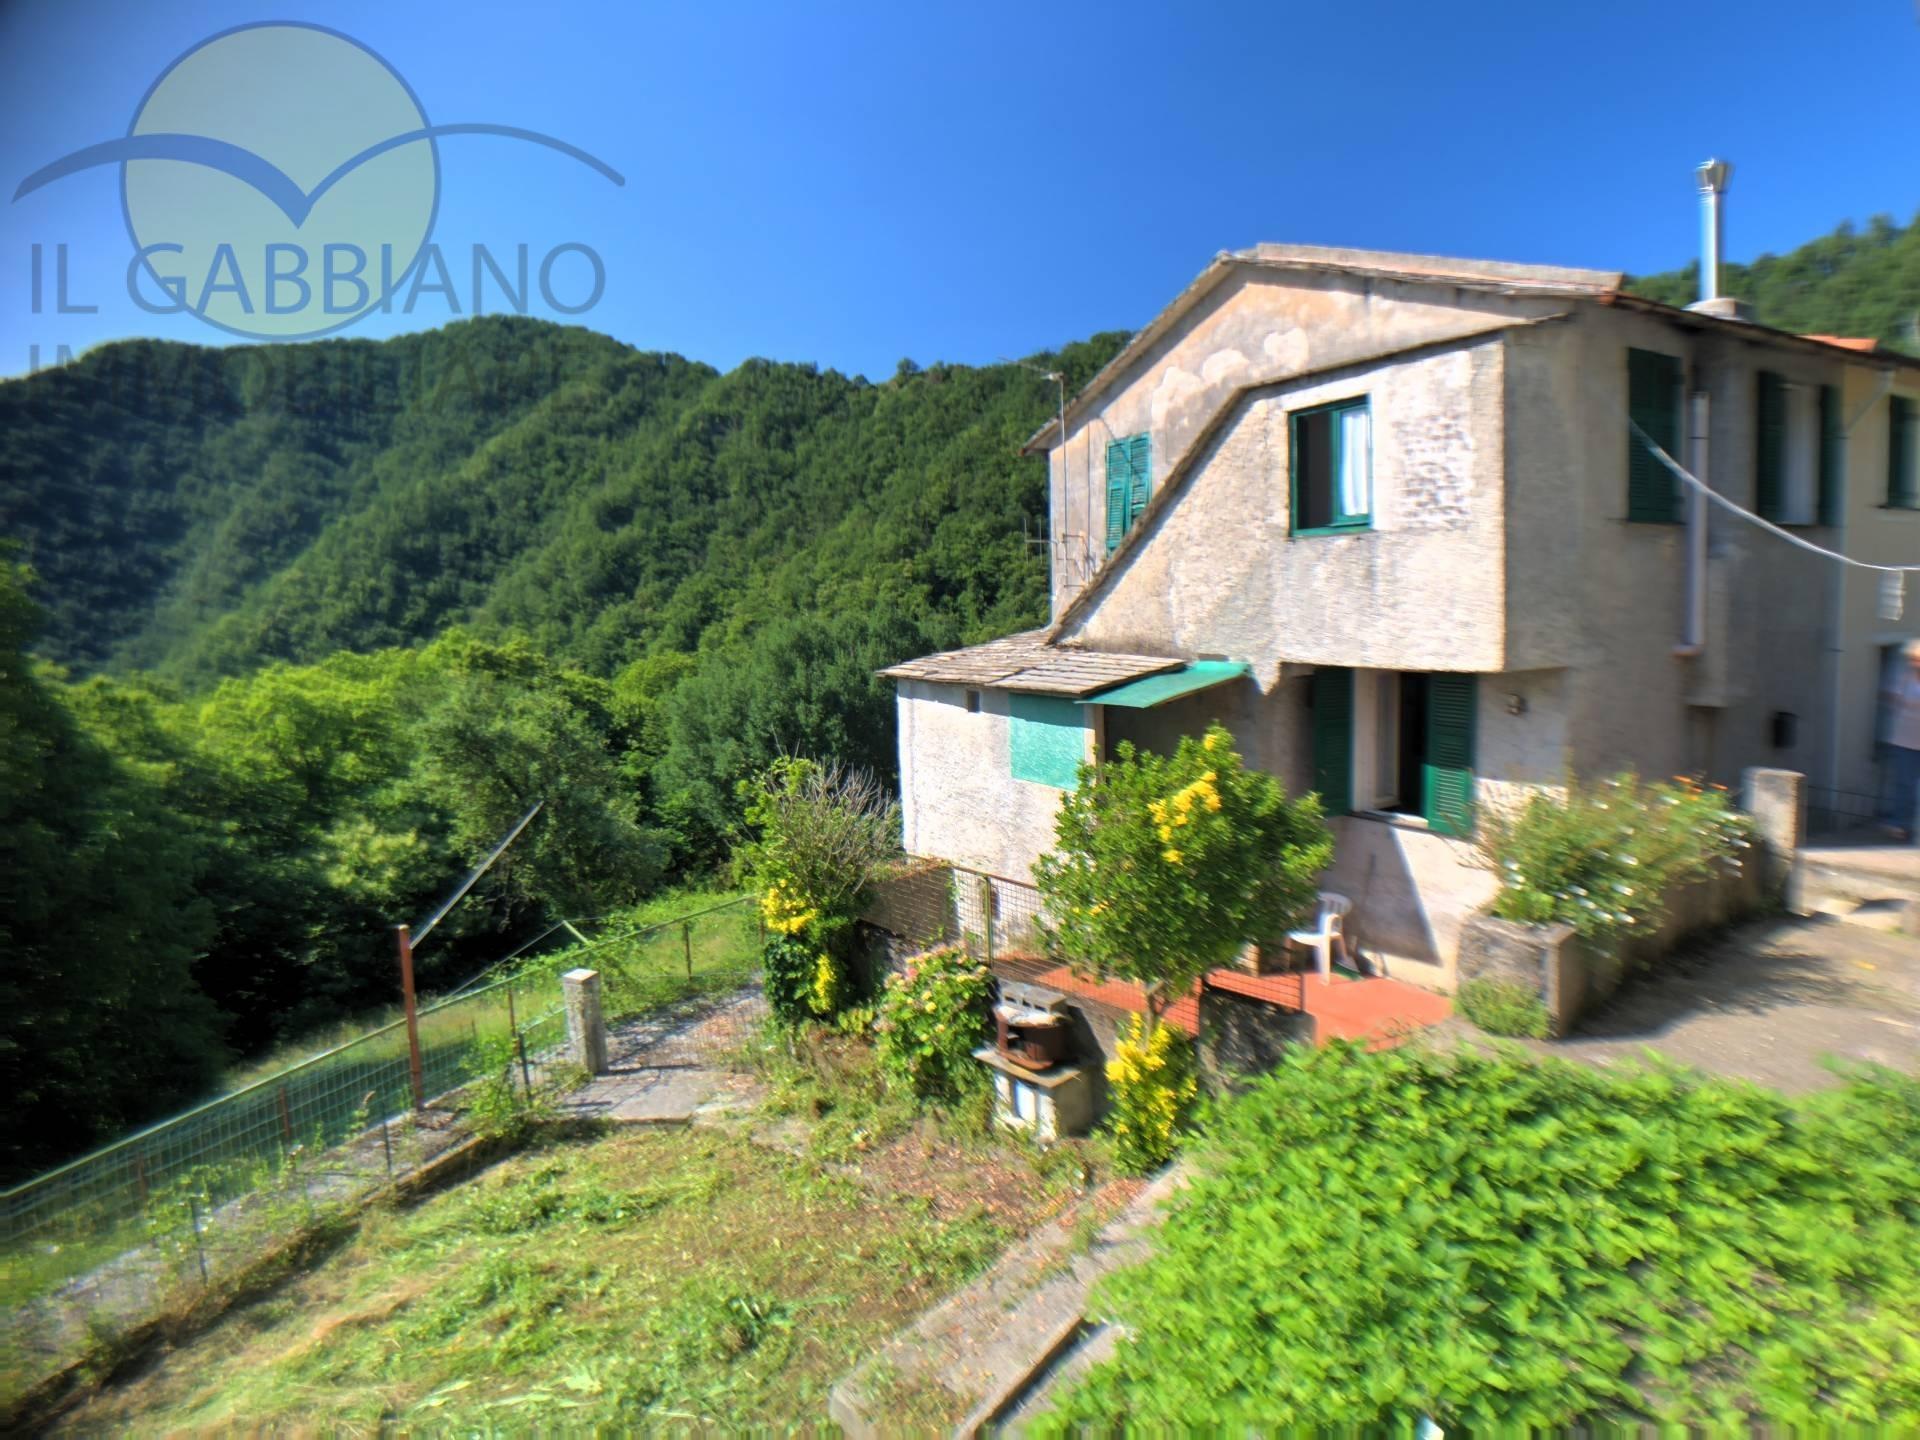 Appartamento in vendita a Tribogna, 5 locali, prezzo € 59.000 | CambioCasa.it